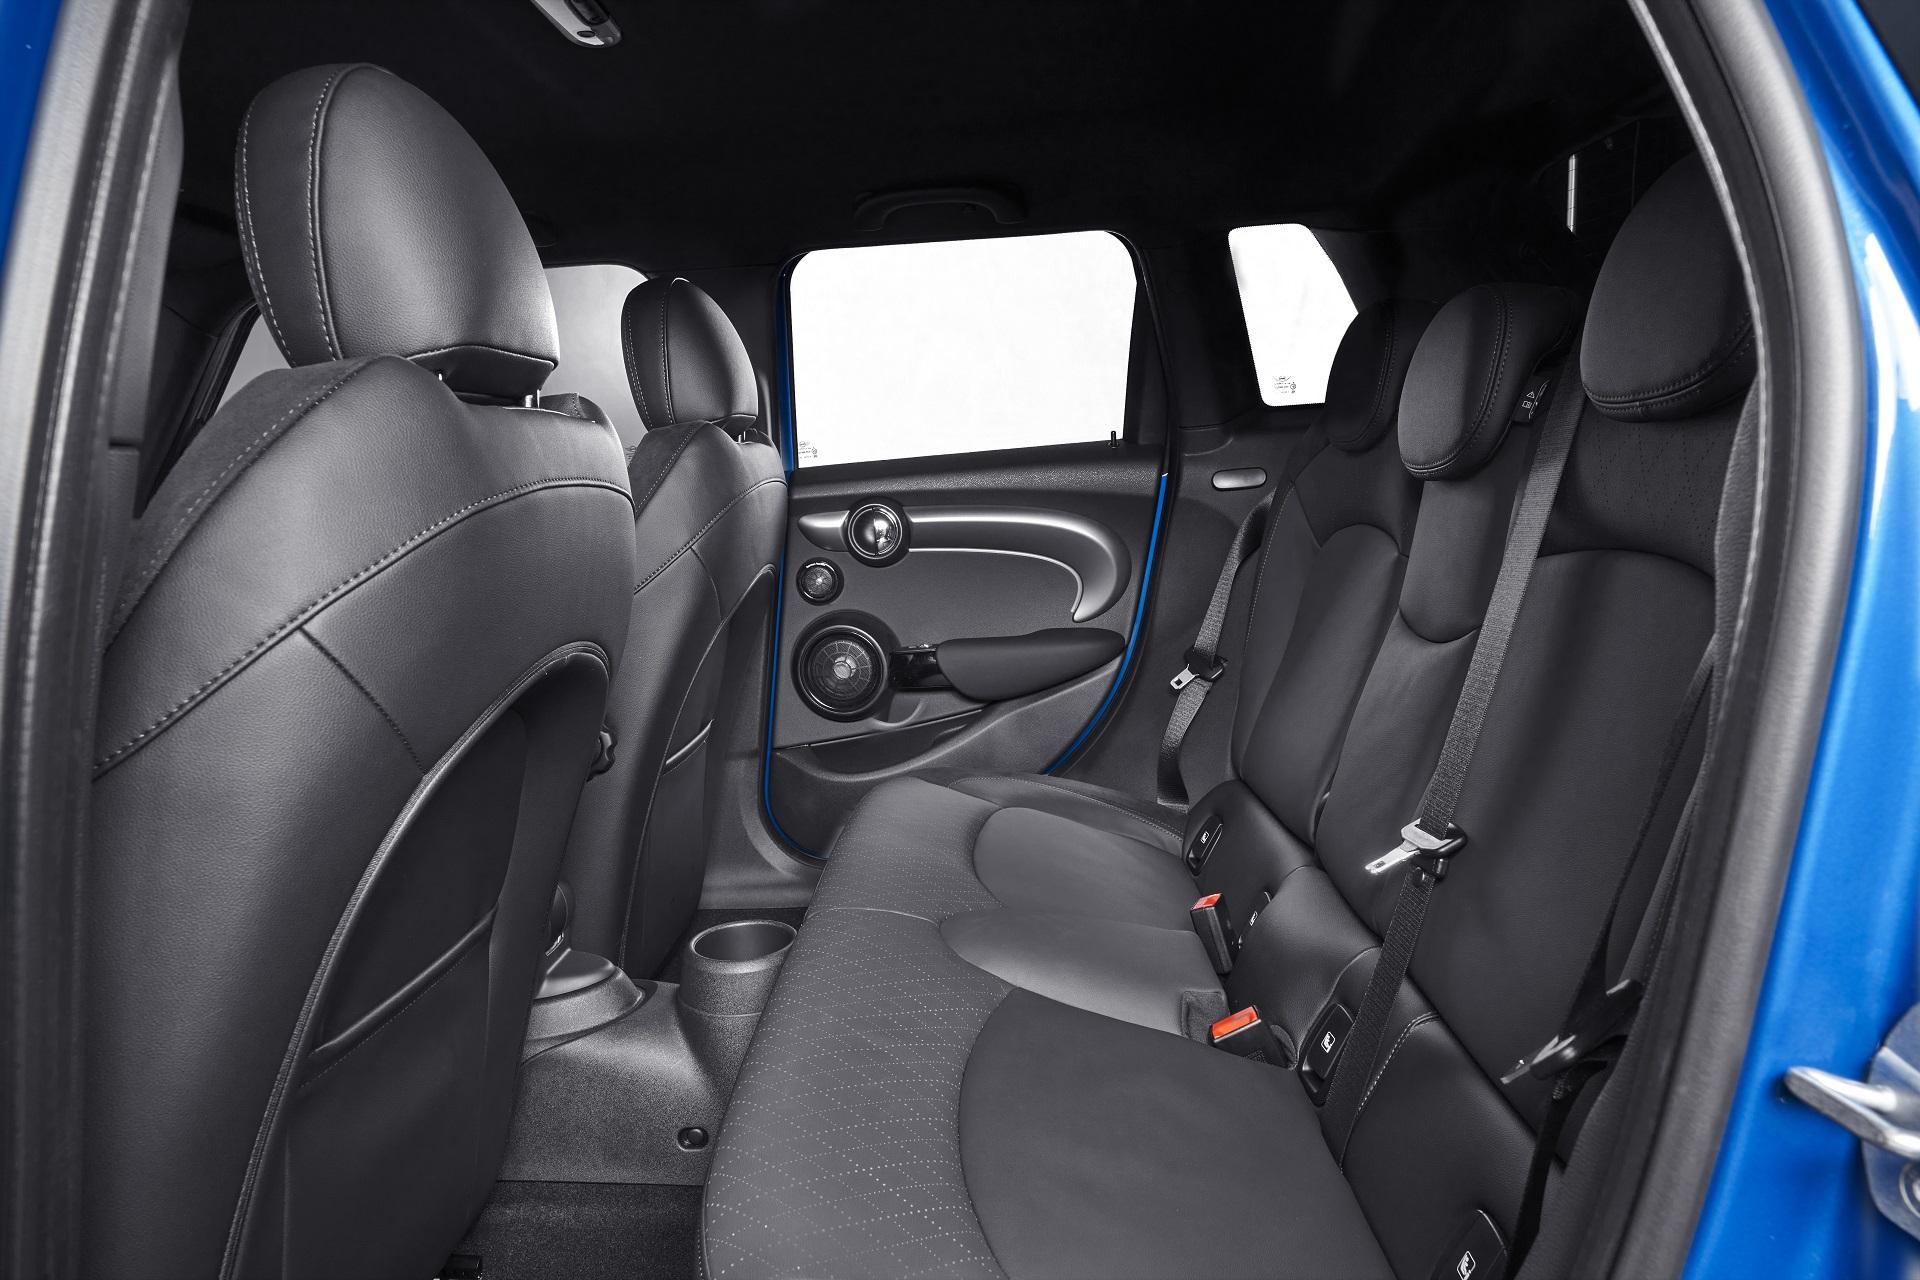 Segunda fileira do Mini Cooper S de cinco portas não é um show de espaço. Mas, convenhamos, você compraria um Mini pensando nisso?